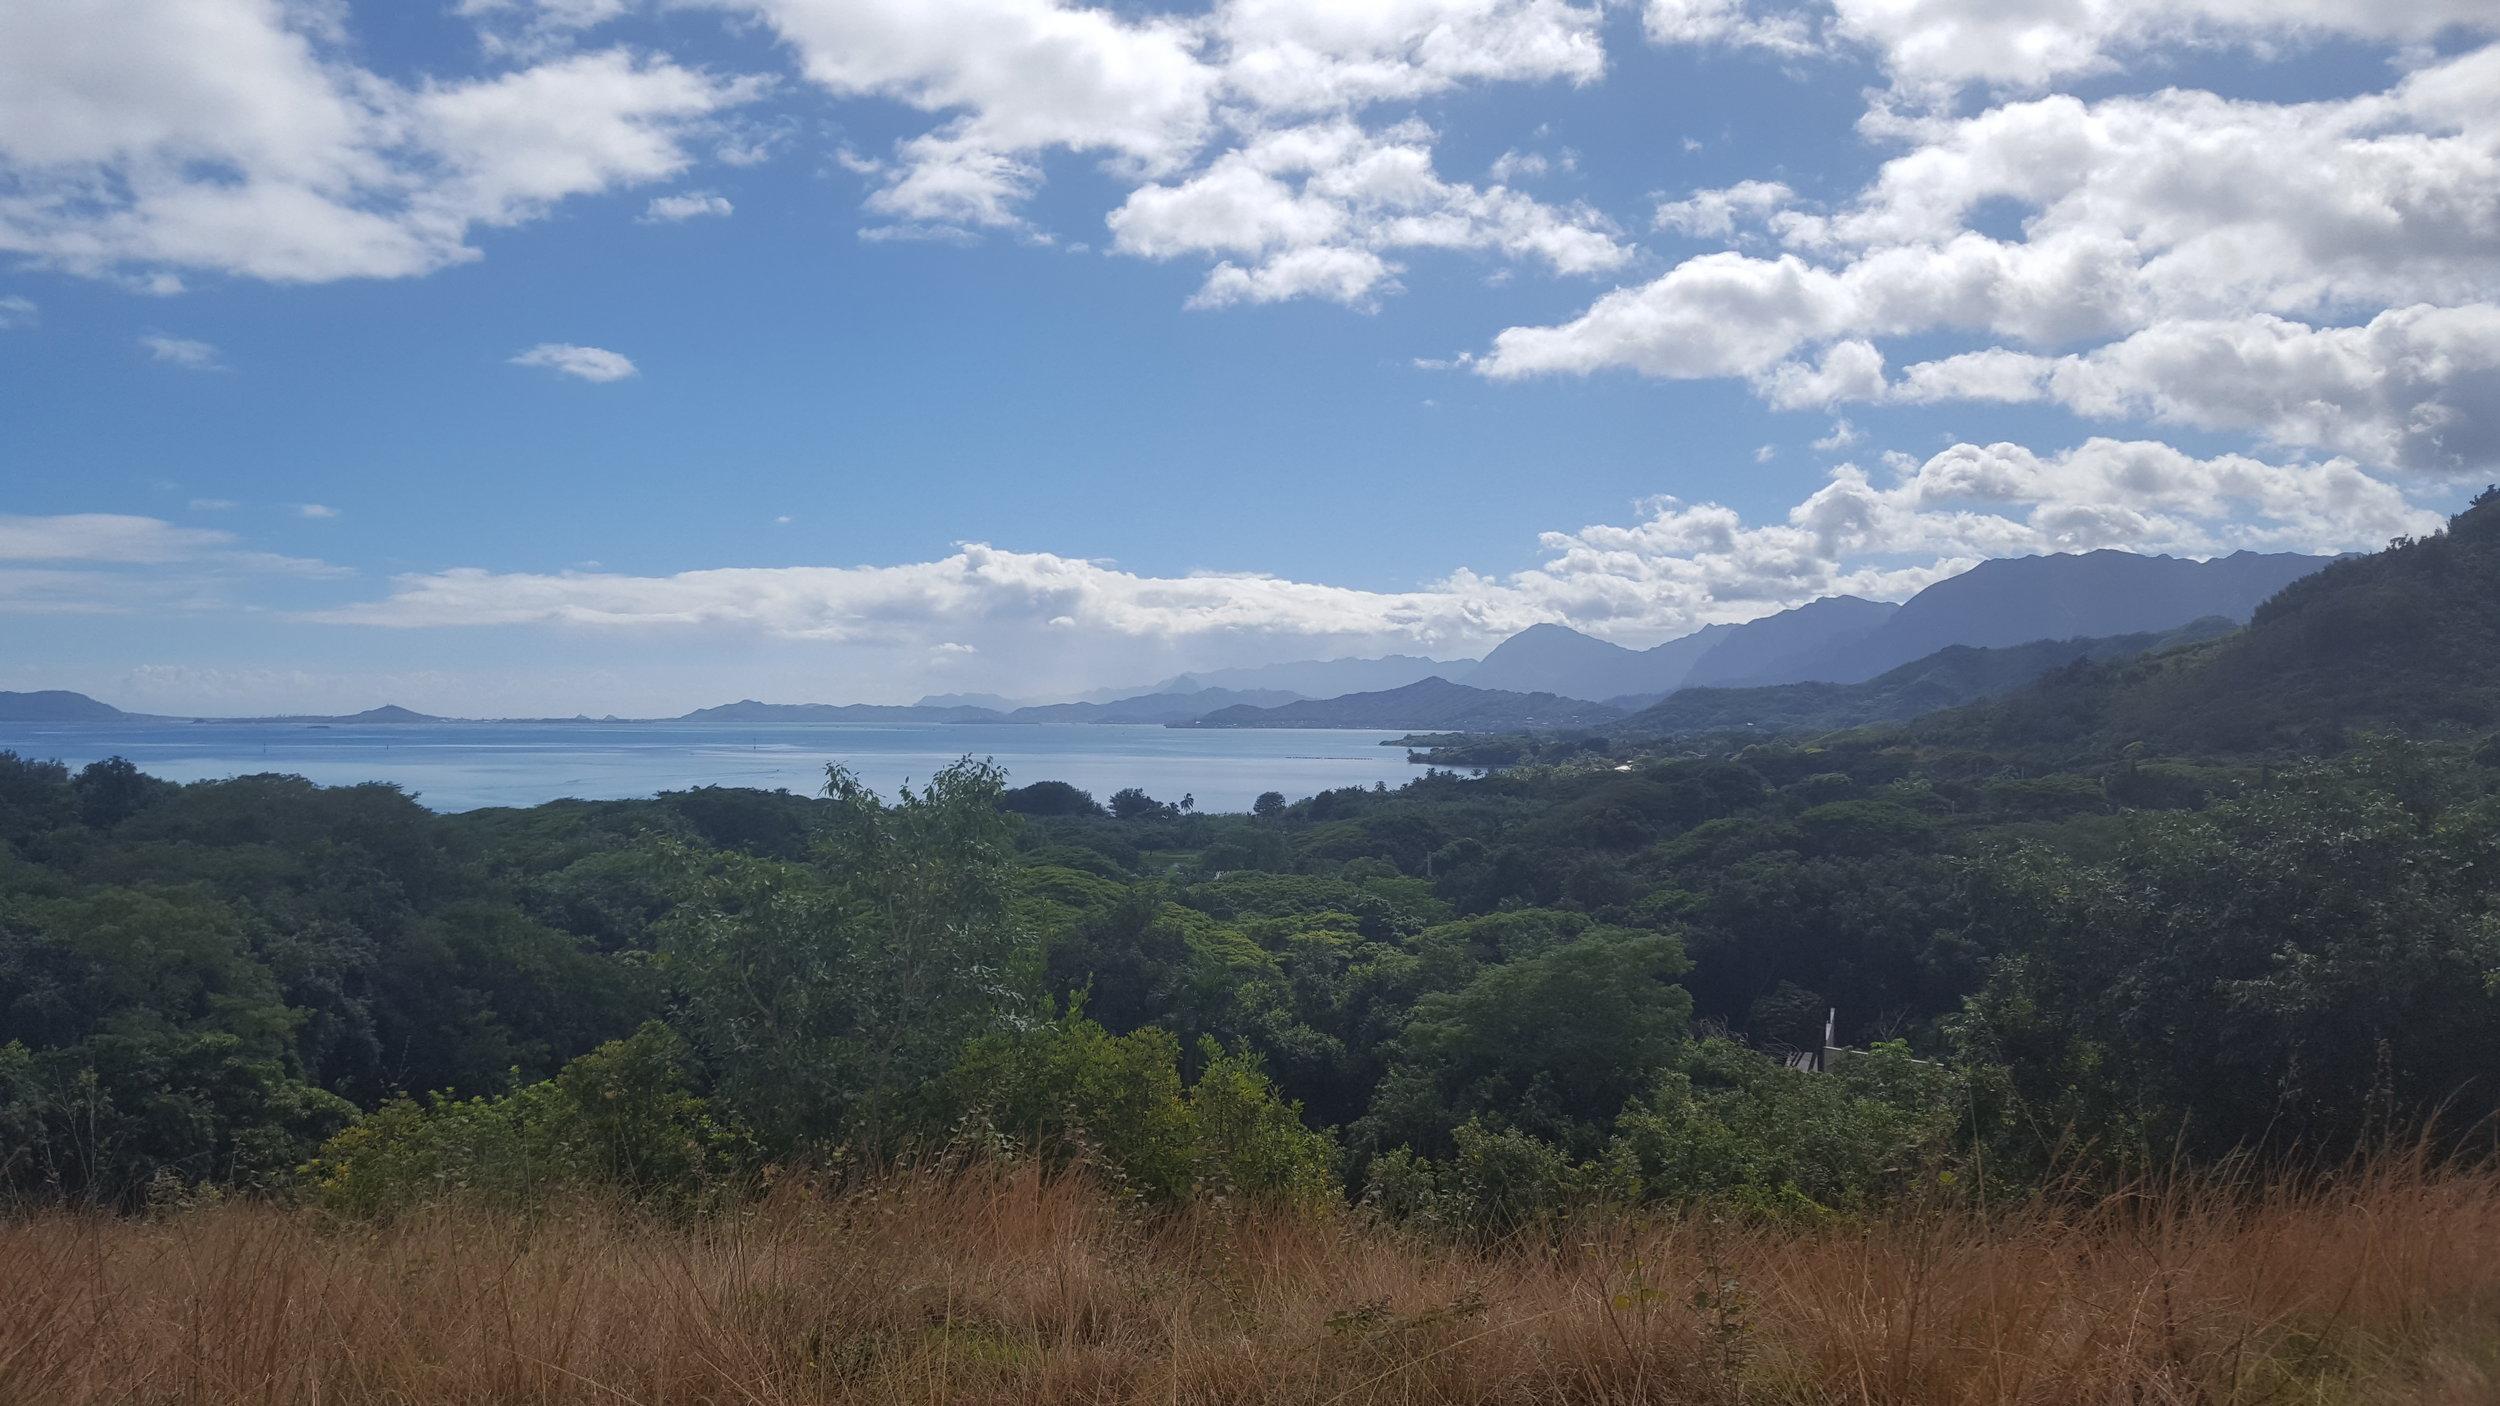 Ahh, the views...